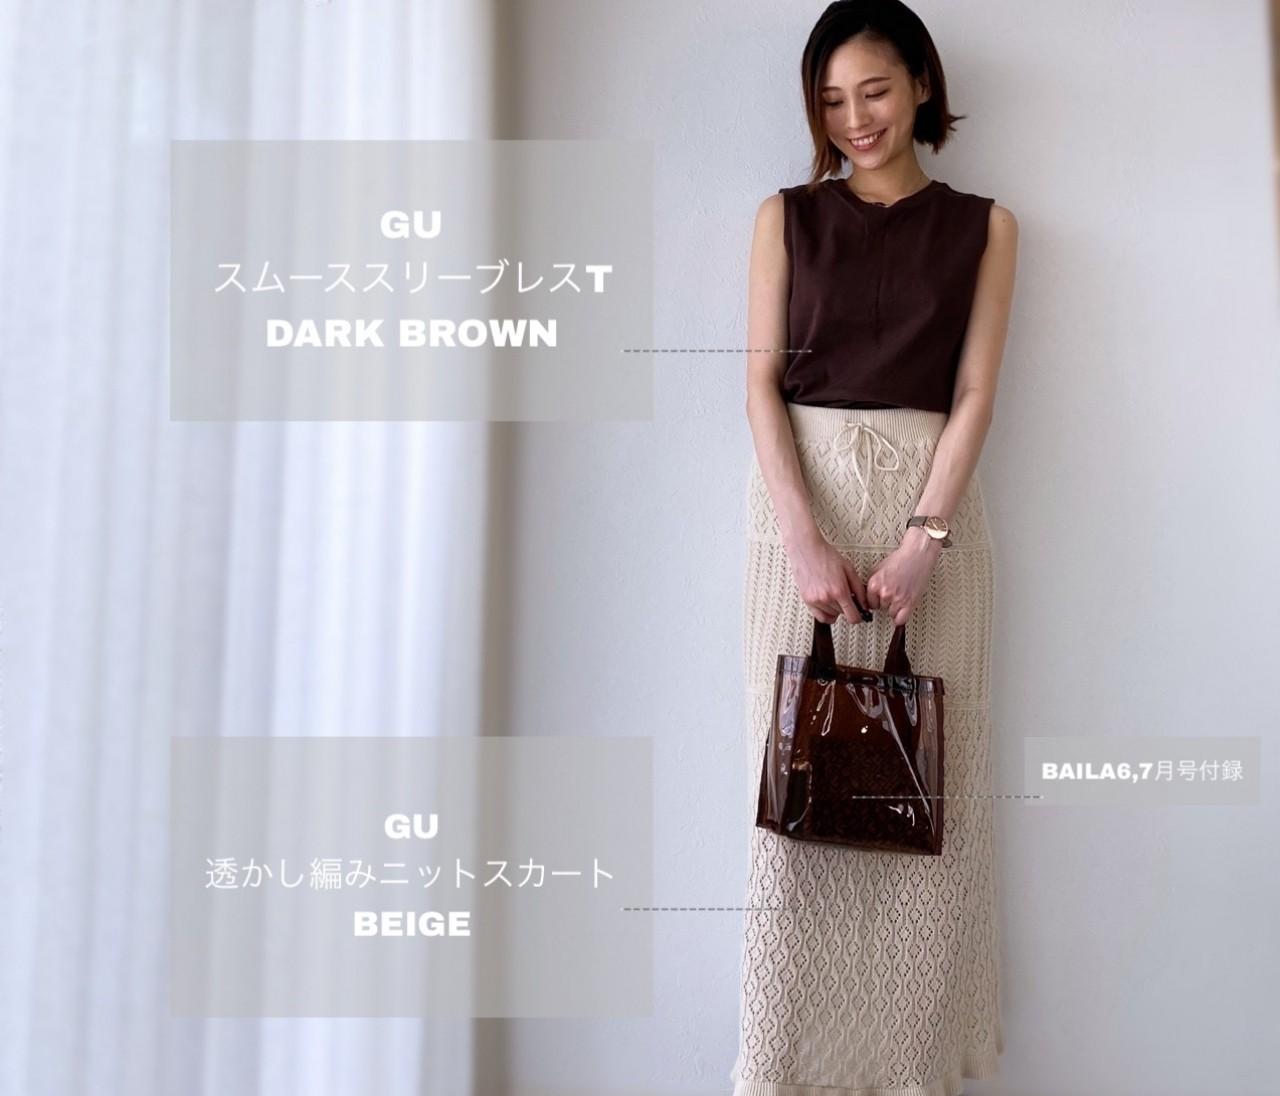 GUコーデ!大人気の透かし編みニットスカートが進化して再販!